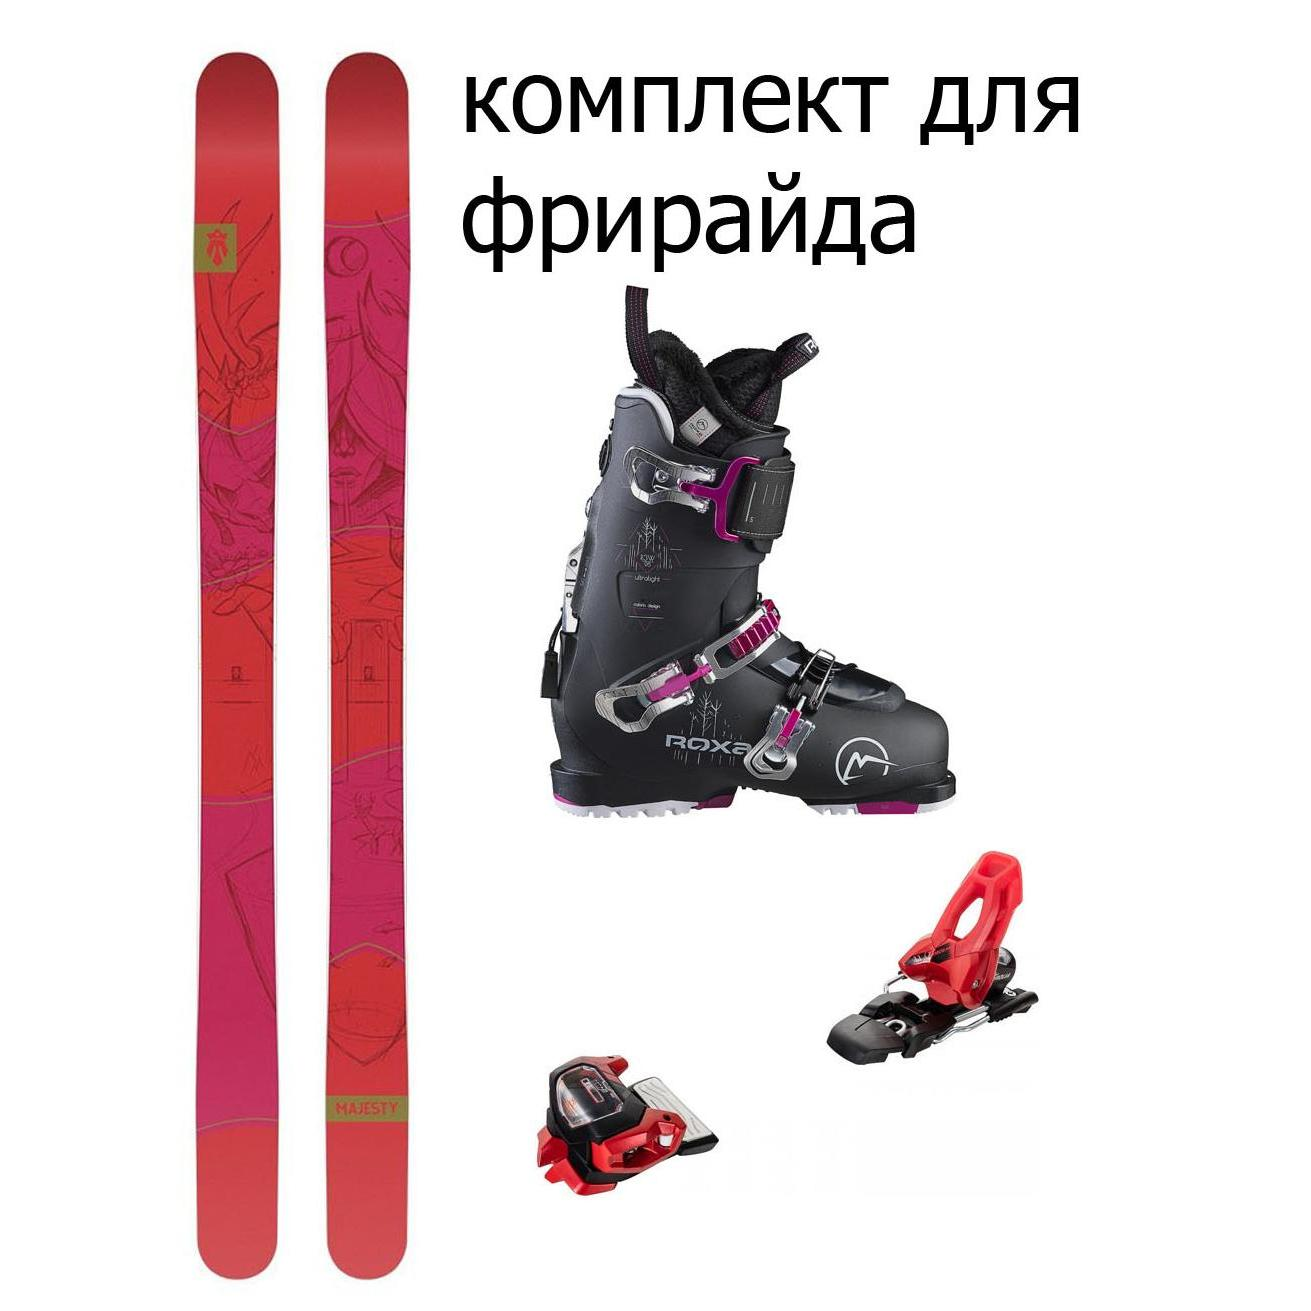 c2552a2f5ef6 Комплект для фрирайда Majesty Velvet · БЕСПЛАТНАЯ доставка по России. Цена  комплекта